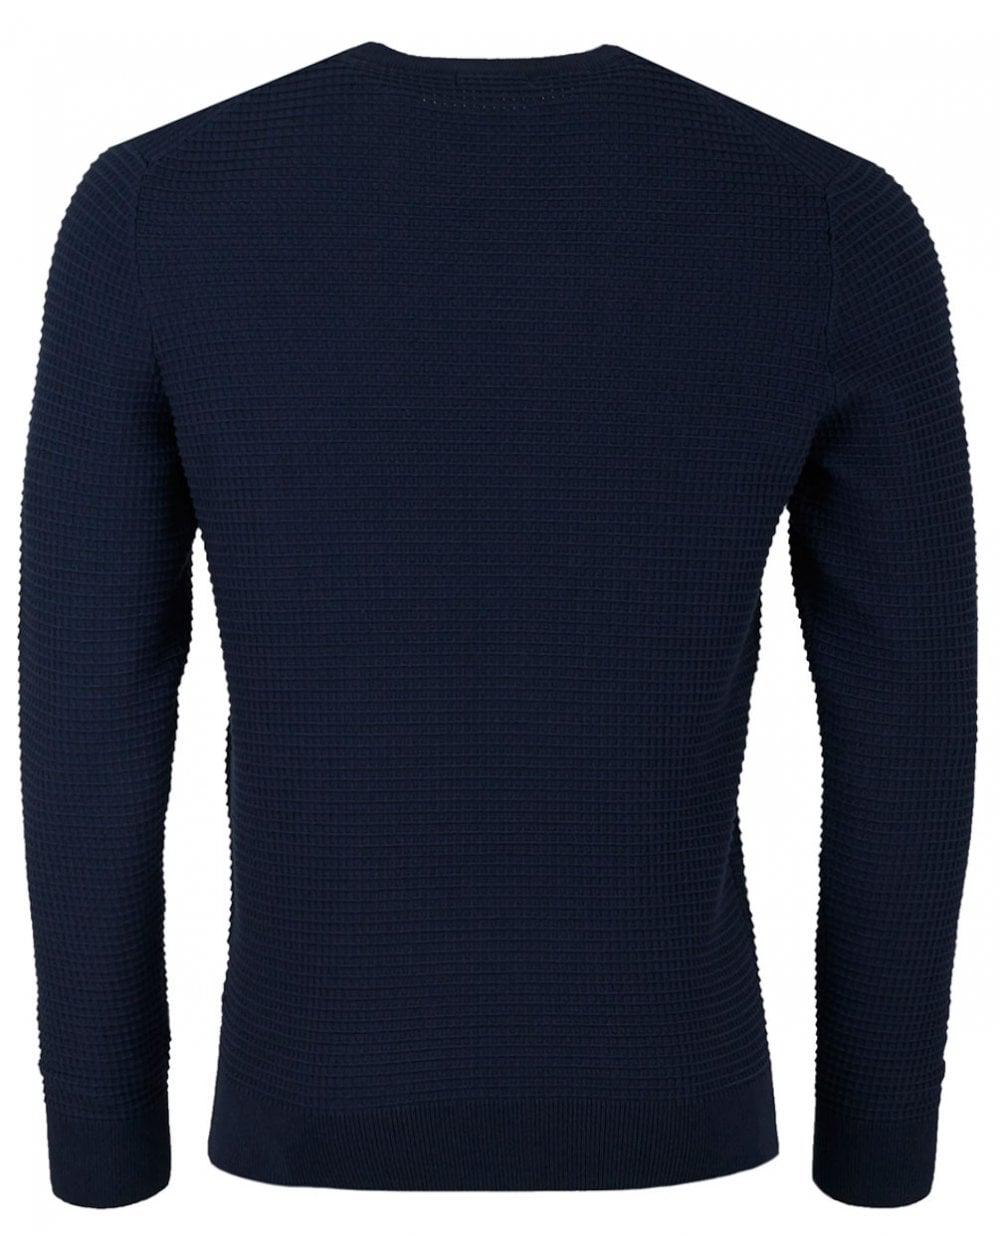 282d424652 J.Lindeberg Lexter Square Structured Knit in Blue for Men - Lyst